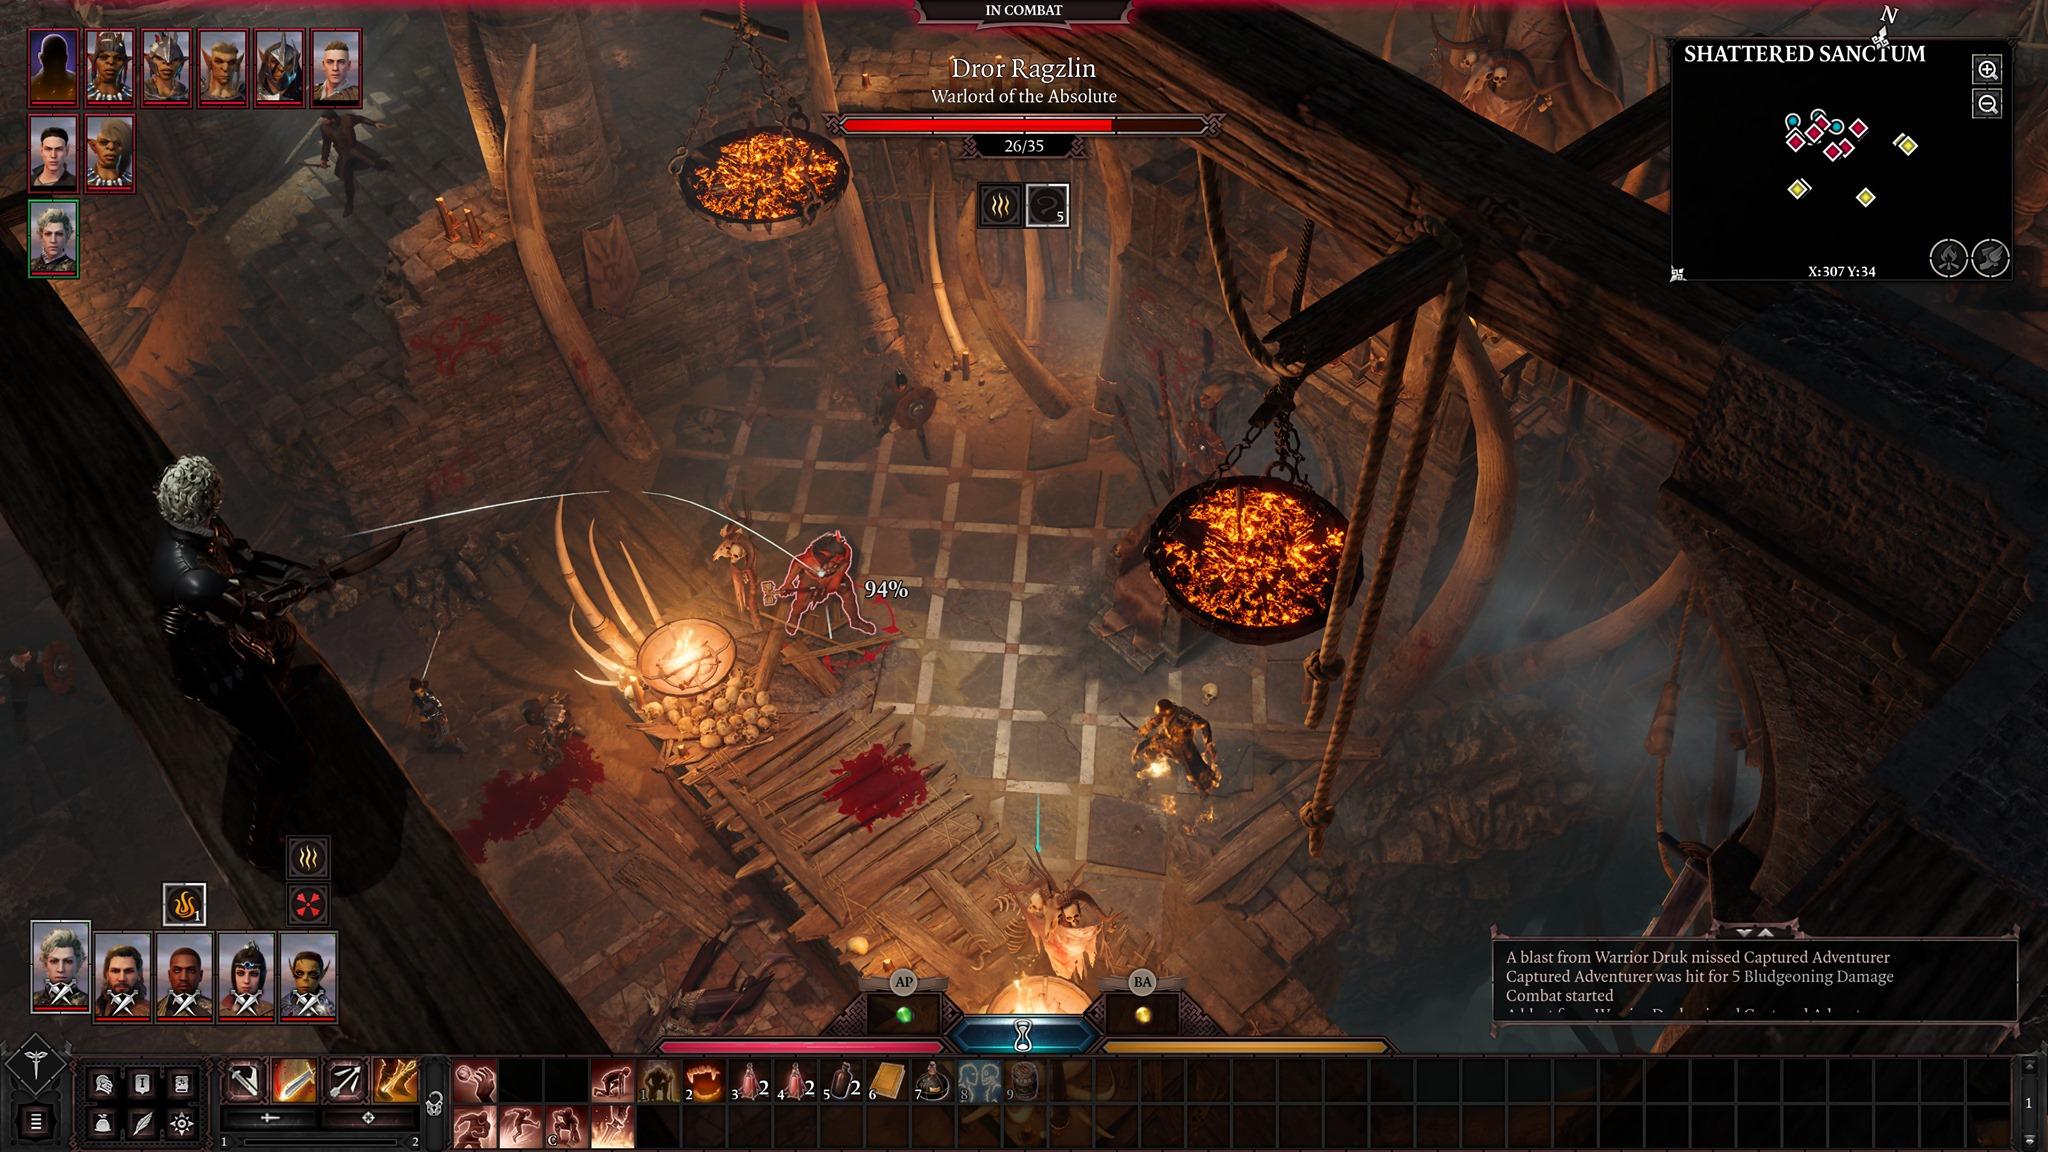 Baldur's Gate III: oficjalne zrzuty ekranu i zapowiedź dzisiejszej prezentacji! 19